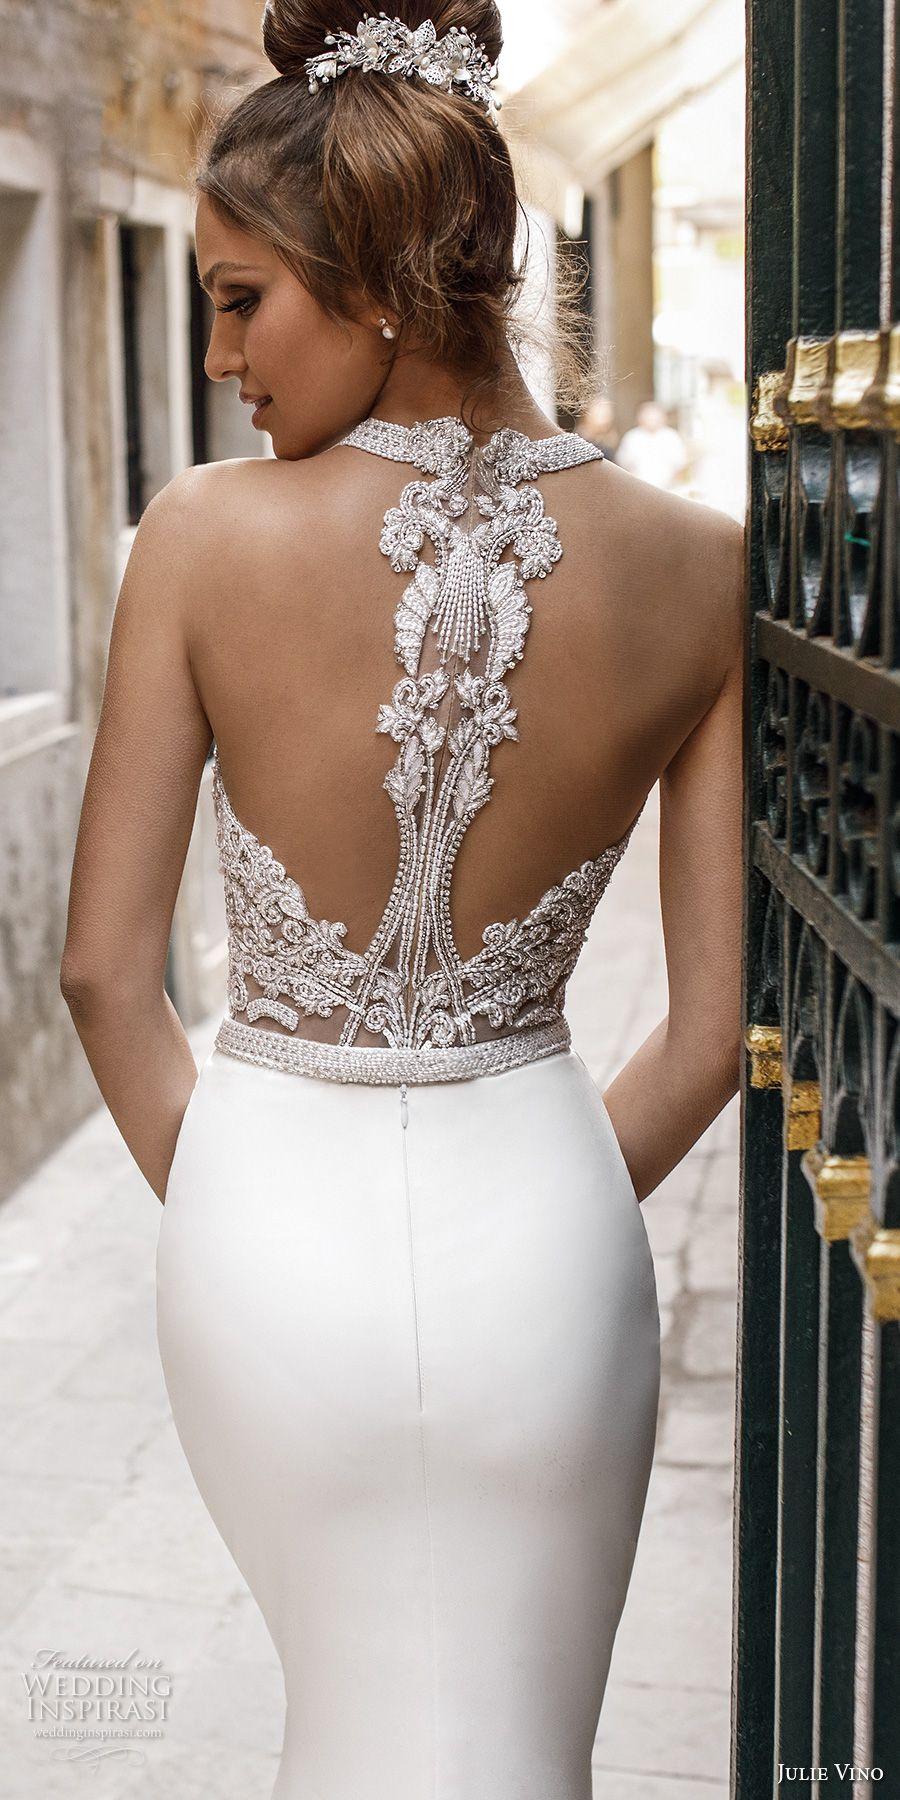 julie vino spring 2018 wedding dresses venezia bridal. Black Bedroom Furniture Sets. Home Design Ideas